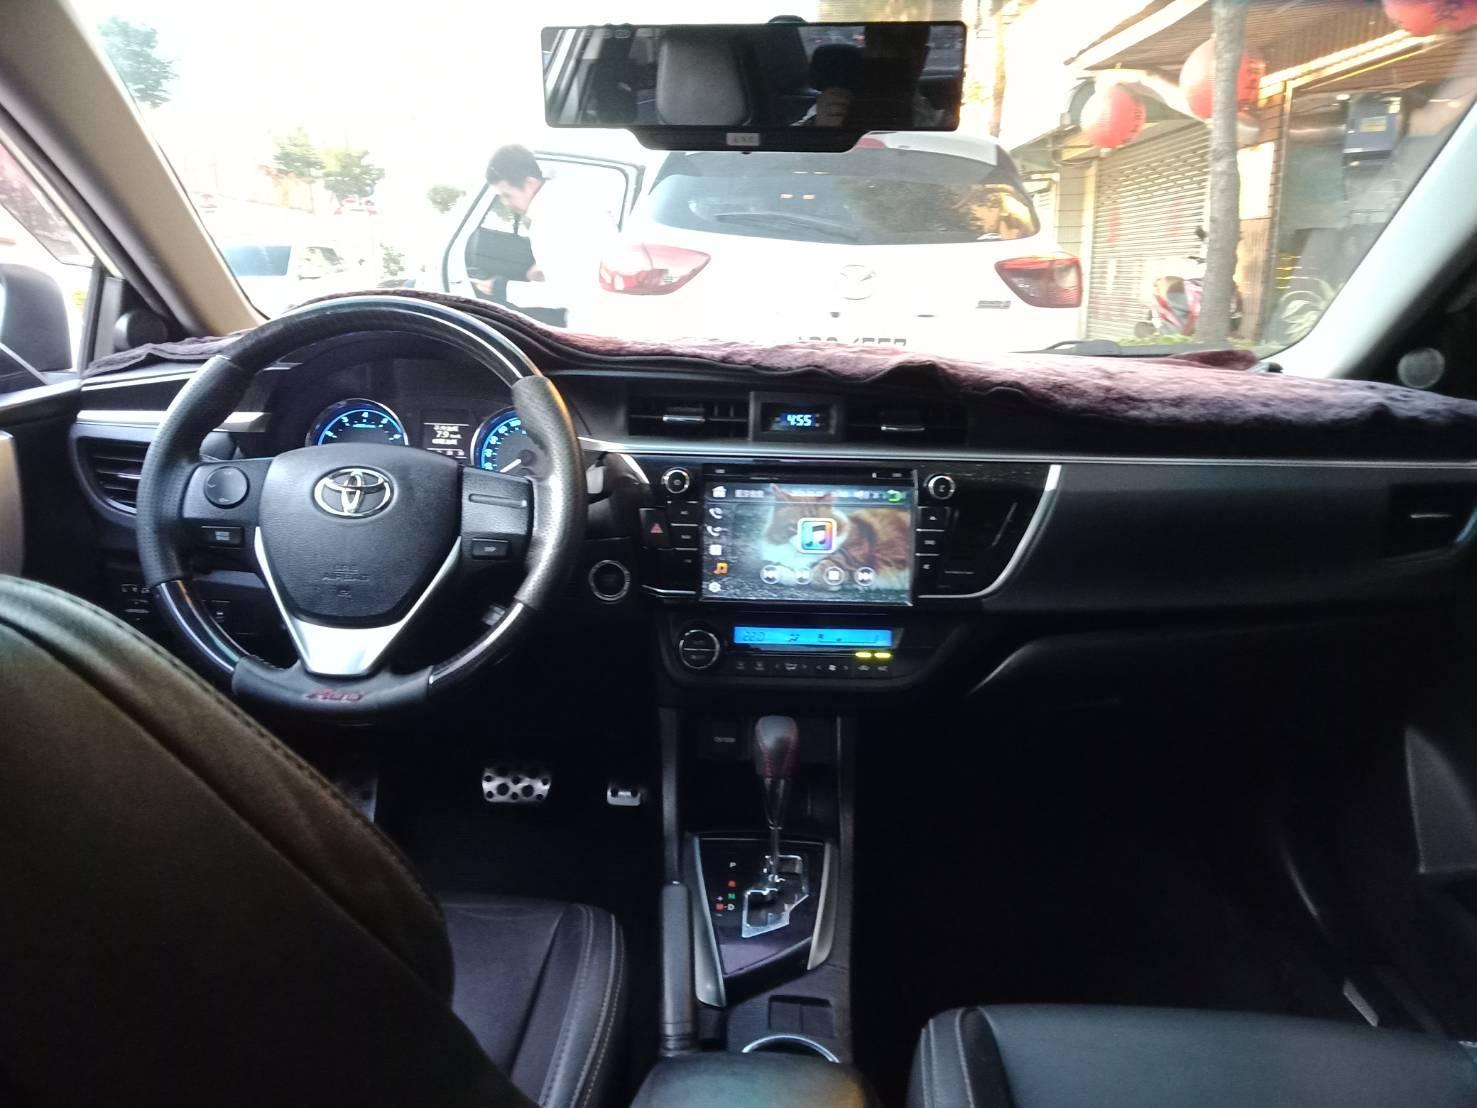 2014年 ALTIS Z版 1.8 白 跑7萬 熱門車中古車二手車